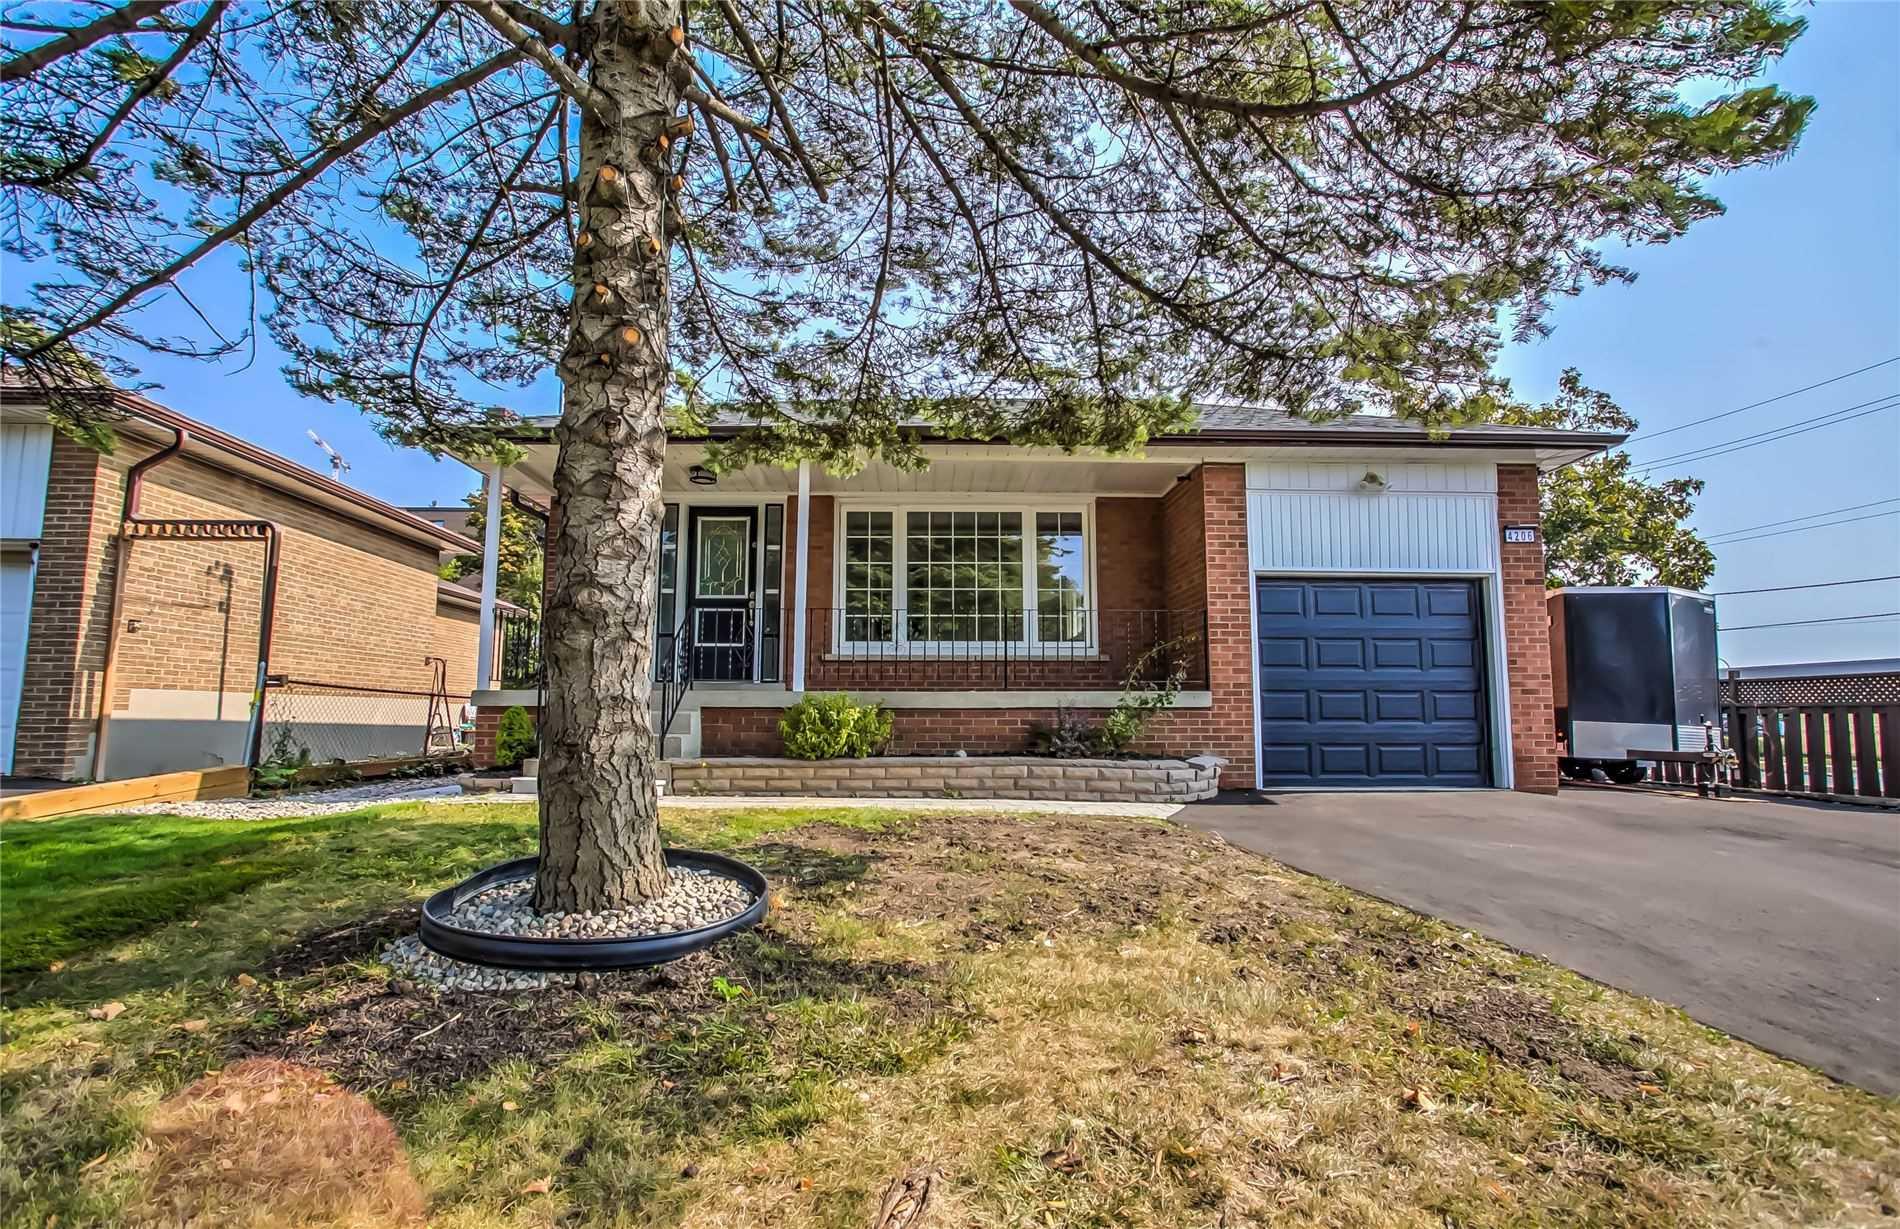 4206 Bloor St, Toronto, Ontario M9C1Z4, 3 Bedrooms Bedrooms, 5 Rooms Rooms,3 BathroomsBathrooms,Detached,For Sale,Bloor,W4927813